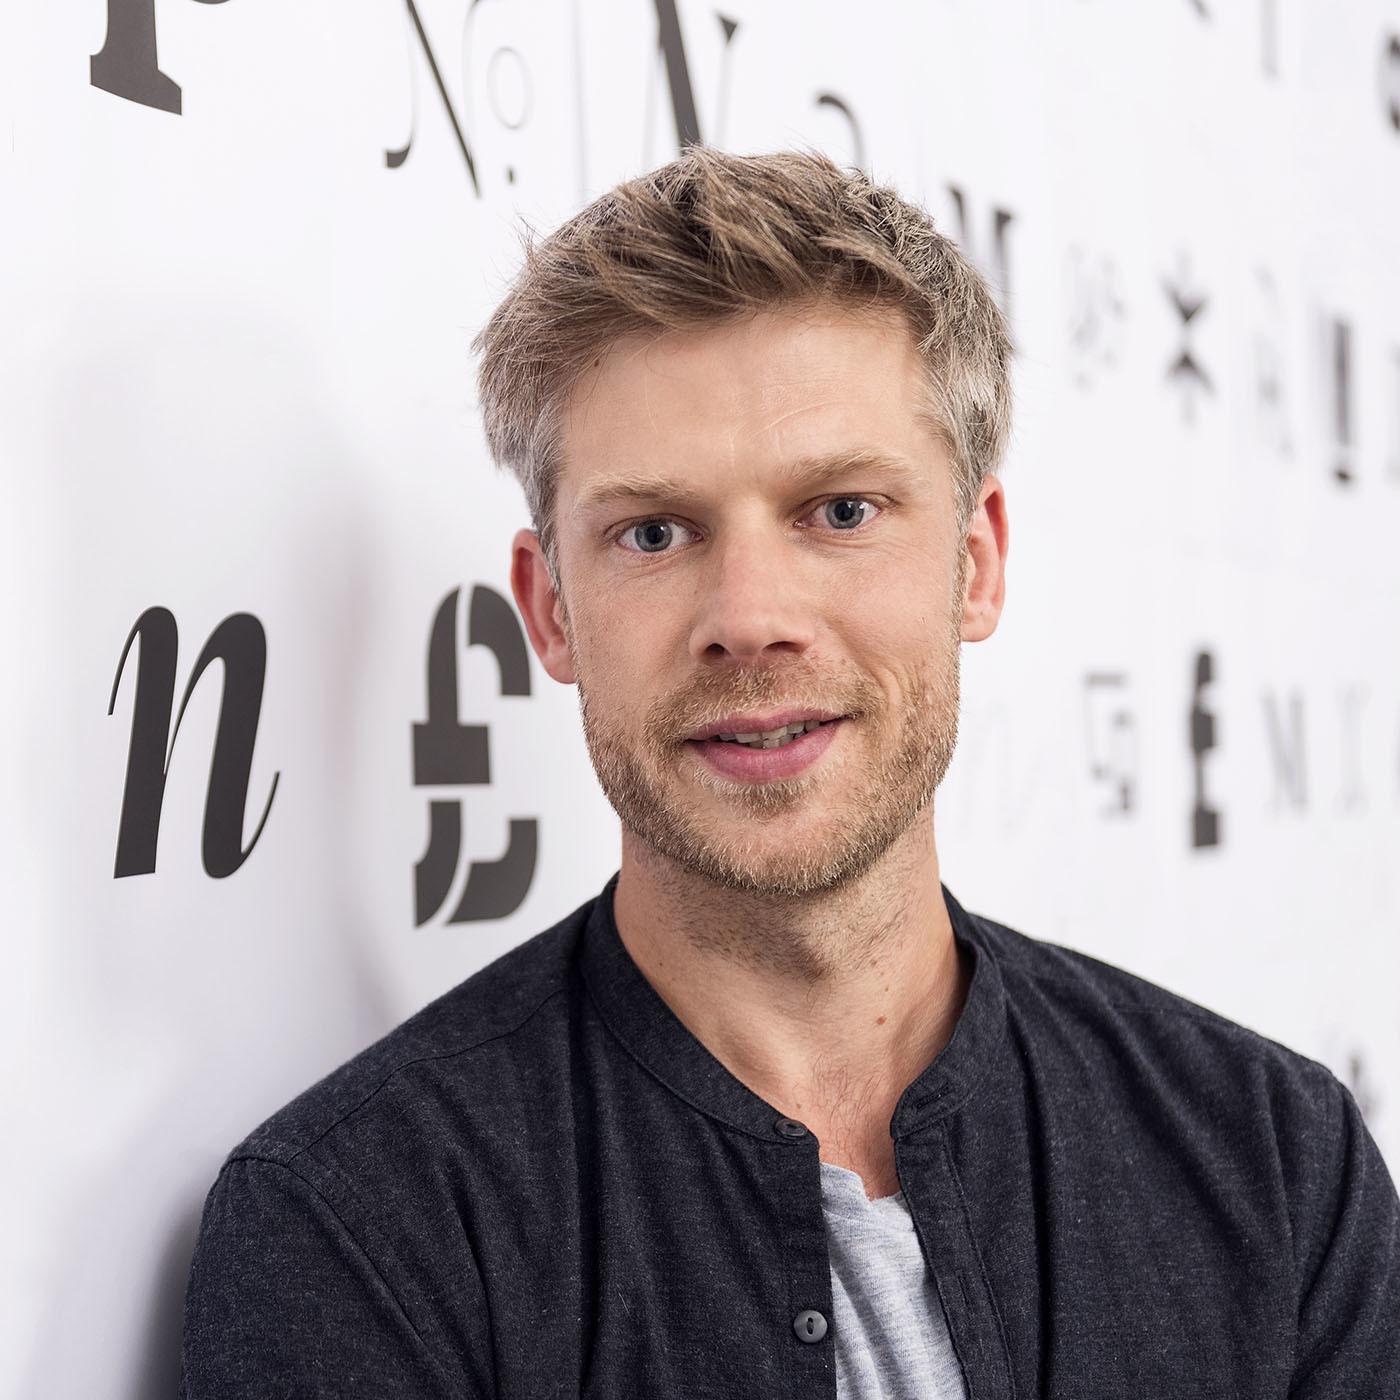 Nils Thomsen